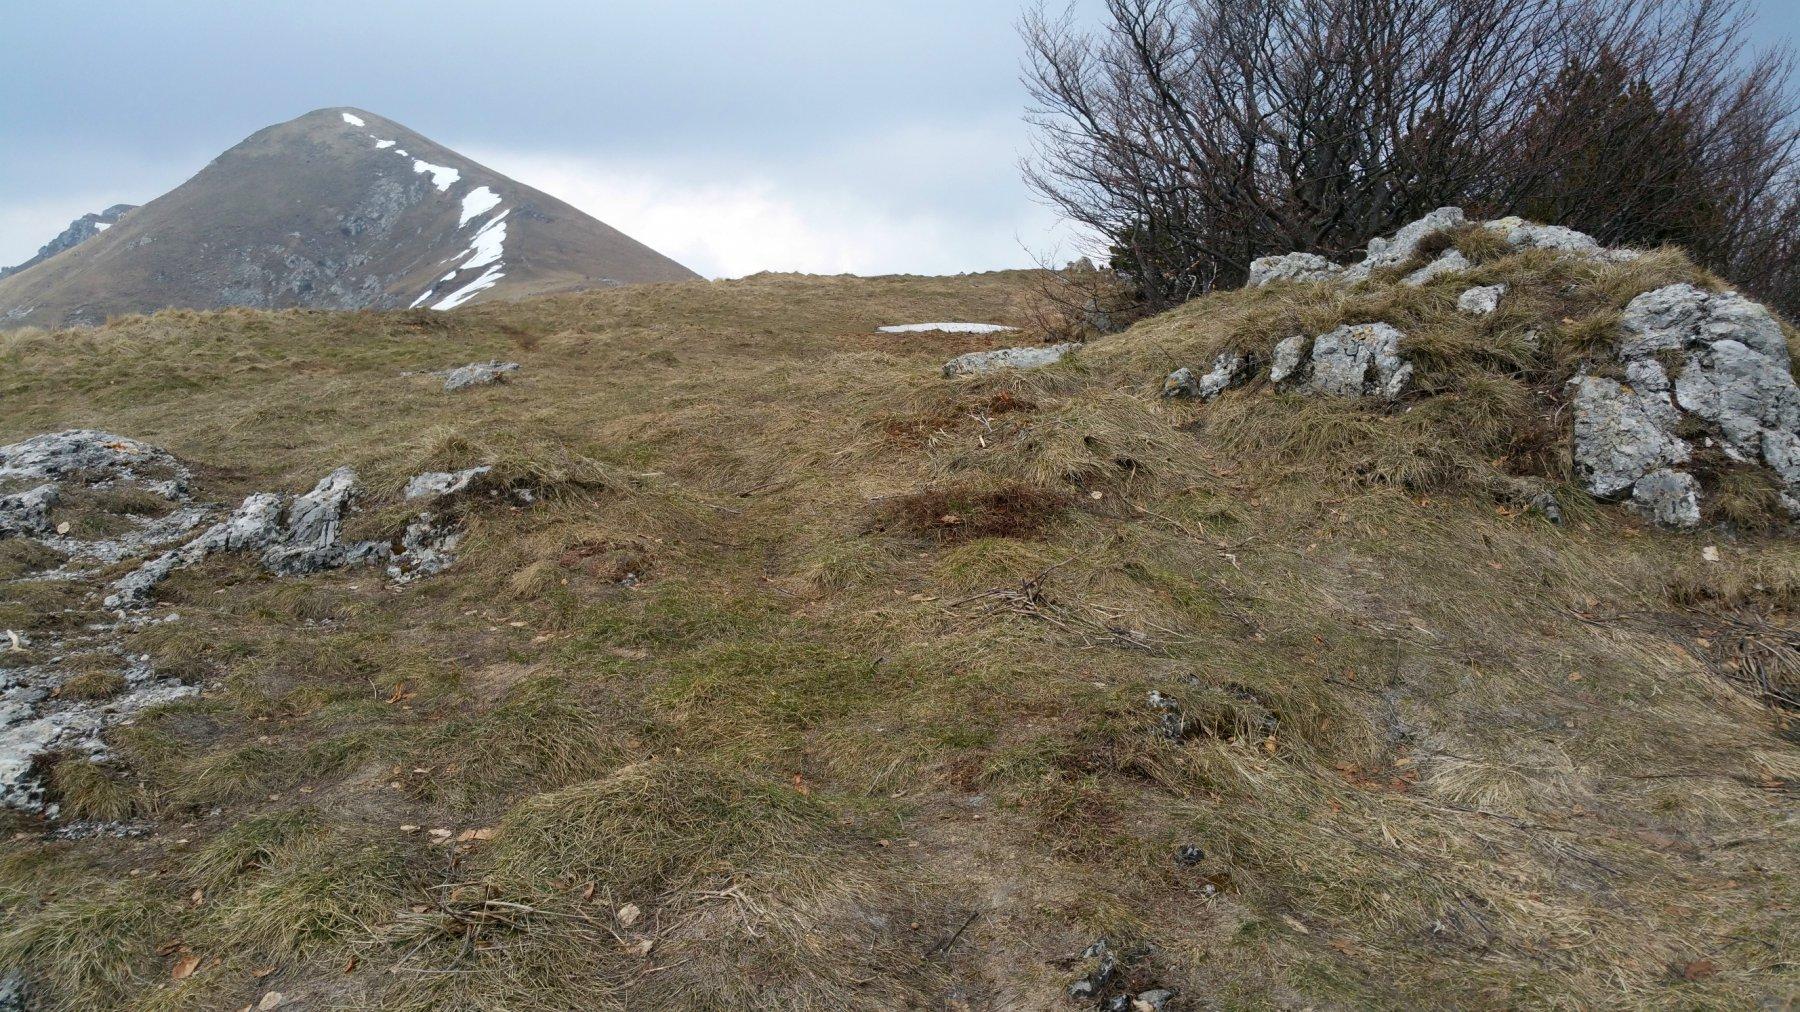 La cresta è praticamente sgombera da neve